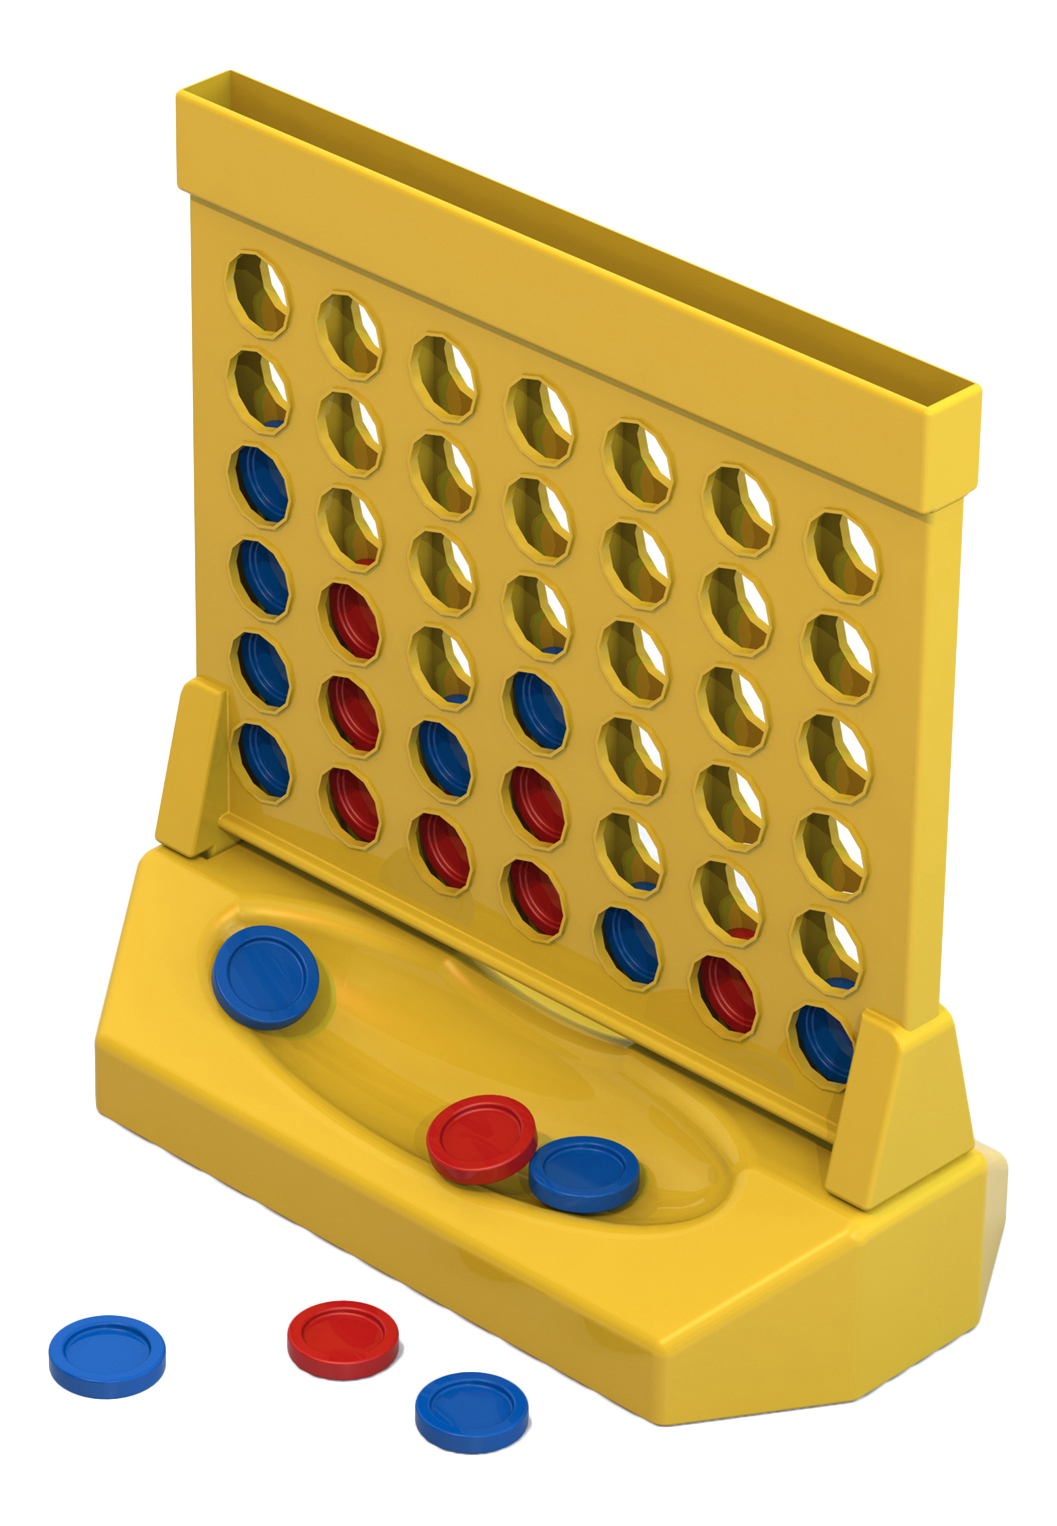 Купить Логическая игра-головоломка Нордпласт Р28580, НОРДПЛАСТ, Игрушки головоломки